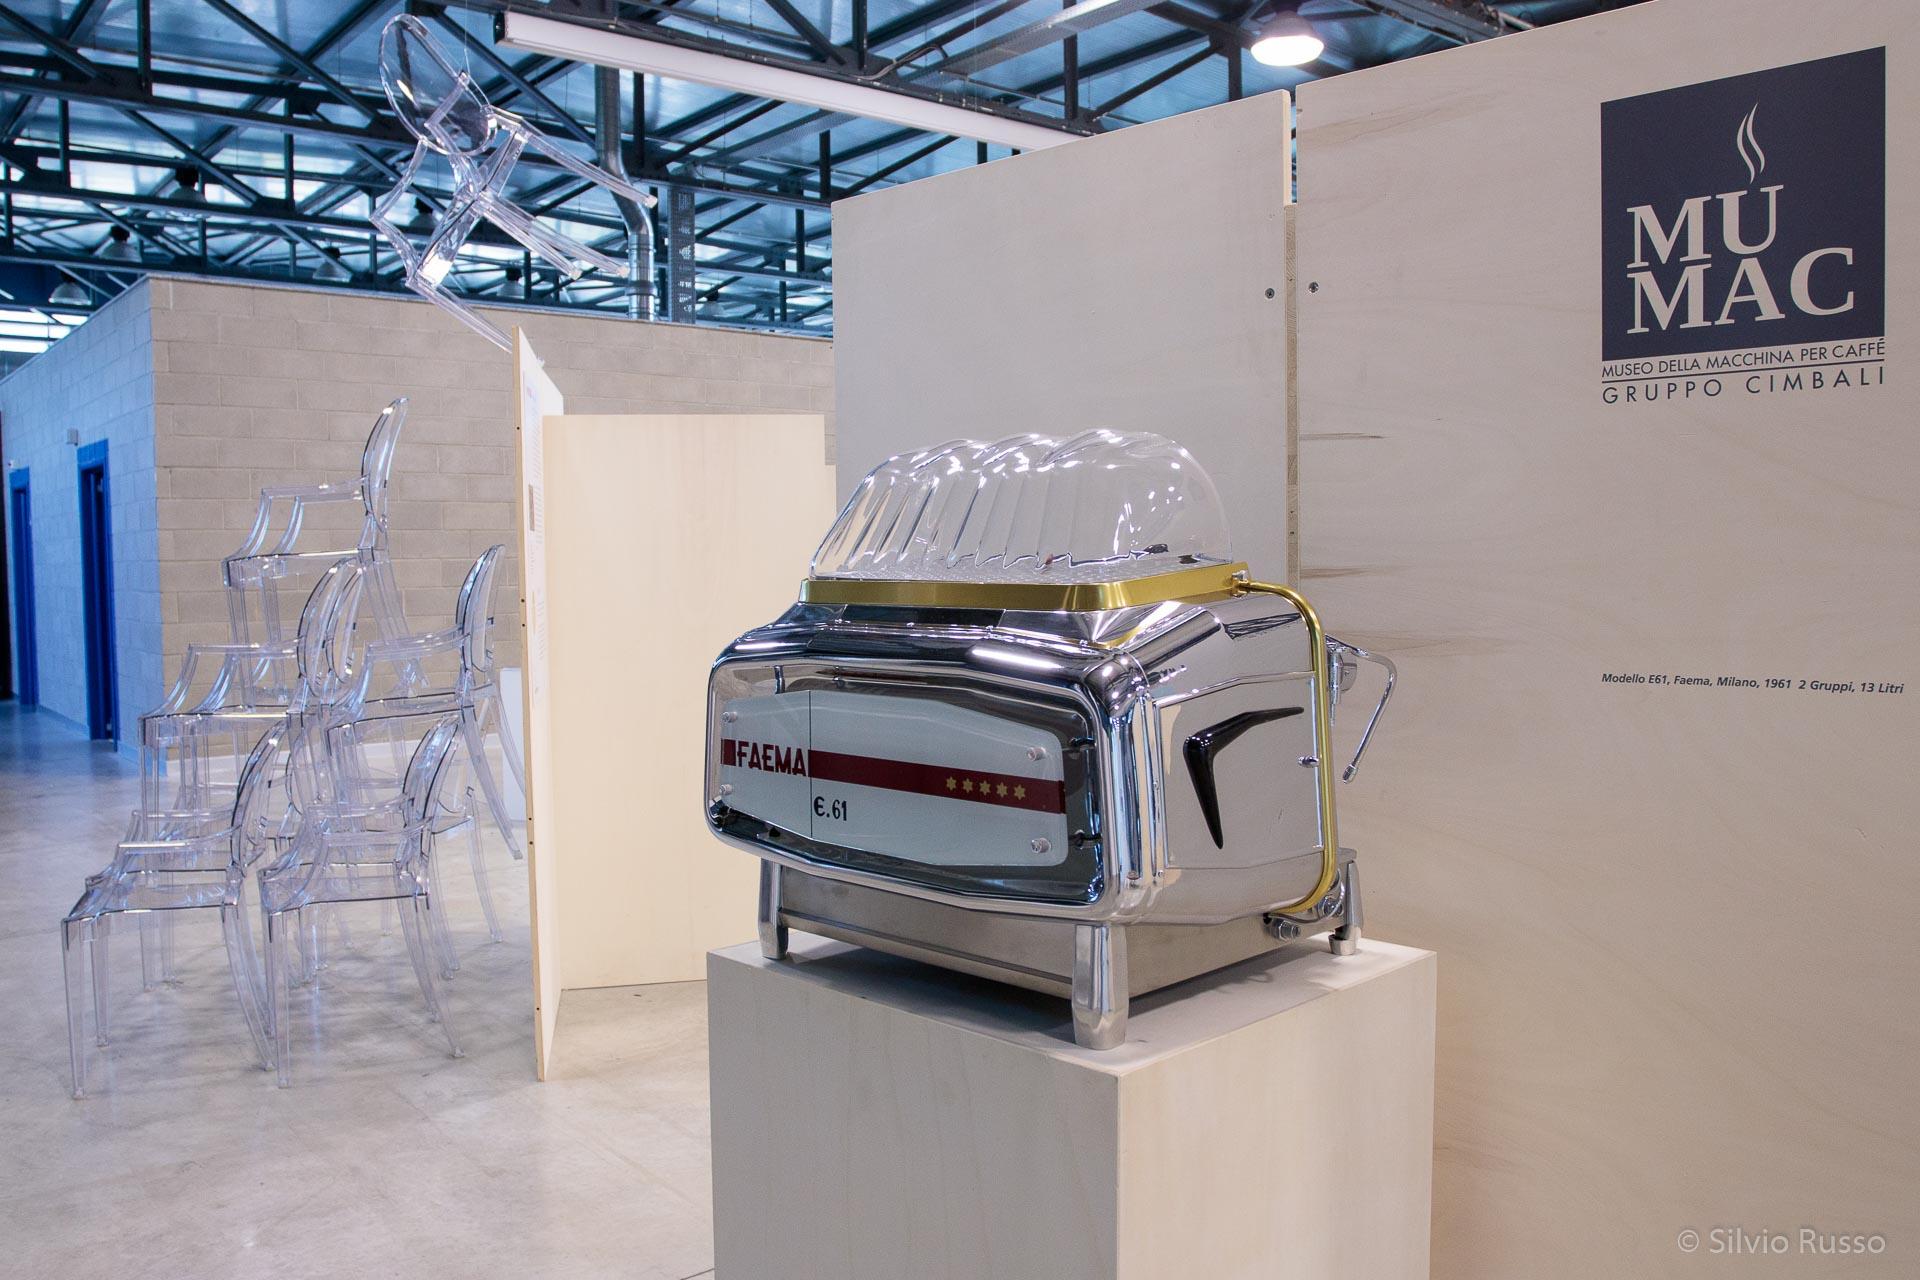 """Modello E61, Faema, Milano, 1961, 2 Gruppi, 13 Litri, MUMAC Sedia """"Louis Ghost"""", design Philippe Starck, 2002, policarbonato trasparente, Museo Kartell"""